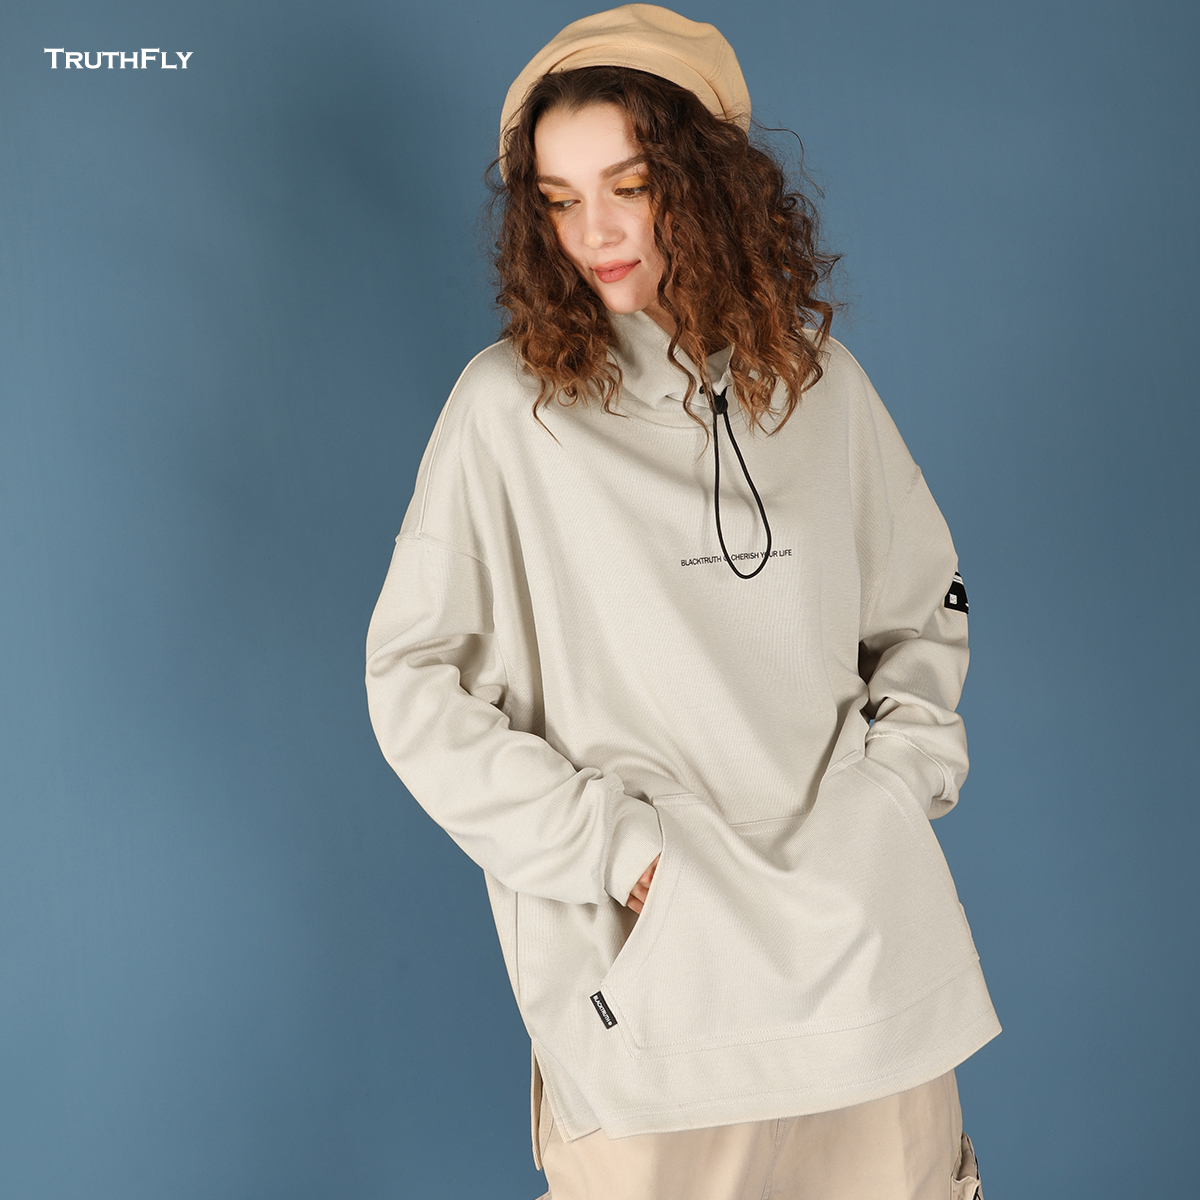 2019新款潮春季自制嘻哈高领卫衣128.00元包邮